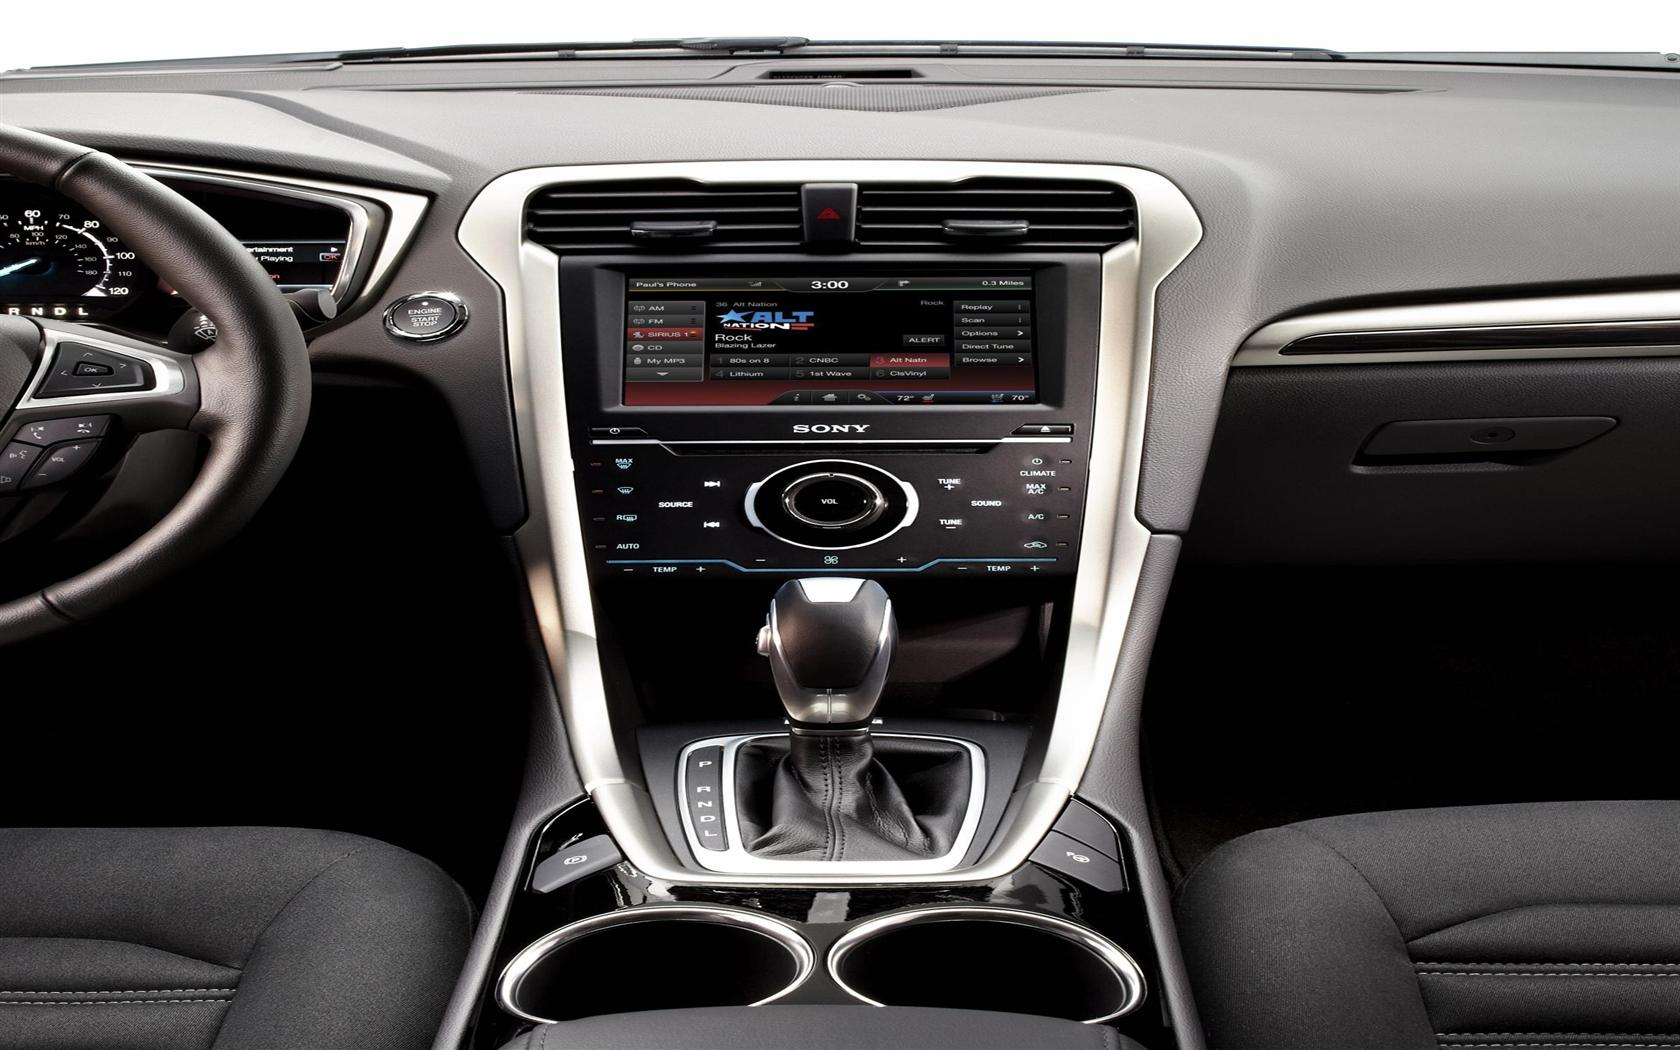 2013 ford fusion hybrid 12 ford fusion hybrid 12